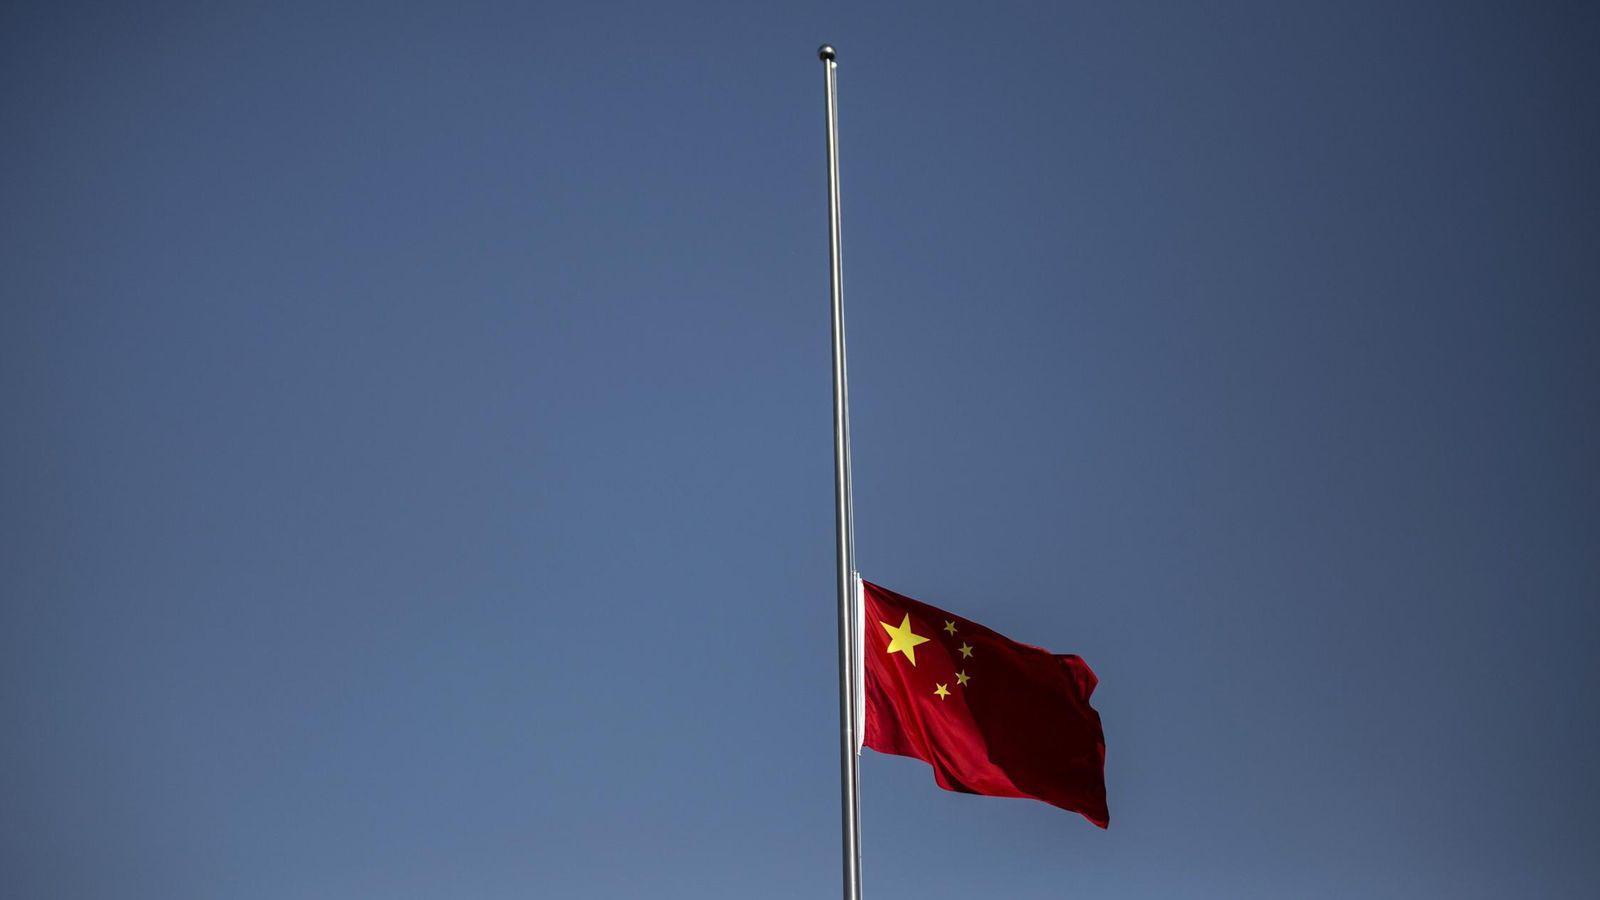 Foto: La bandera nacional de China se iza a media asta durante una ceremonia conmemorativa. REUTERS / Aly Song